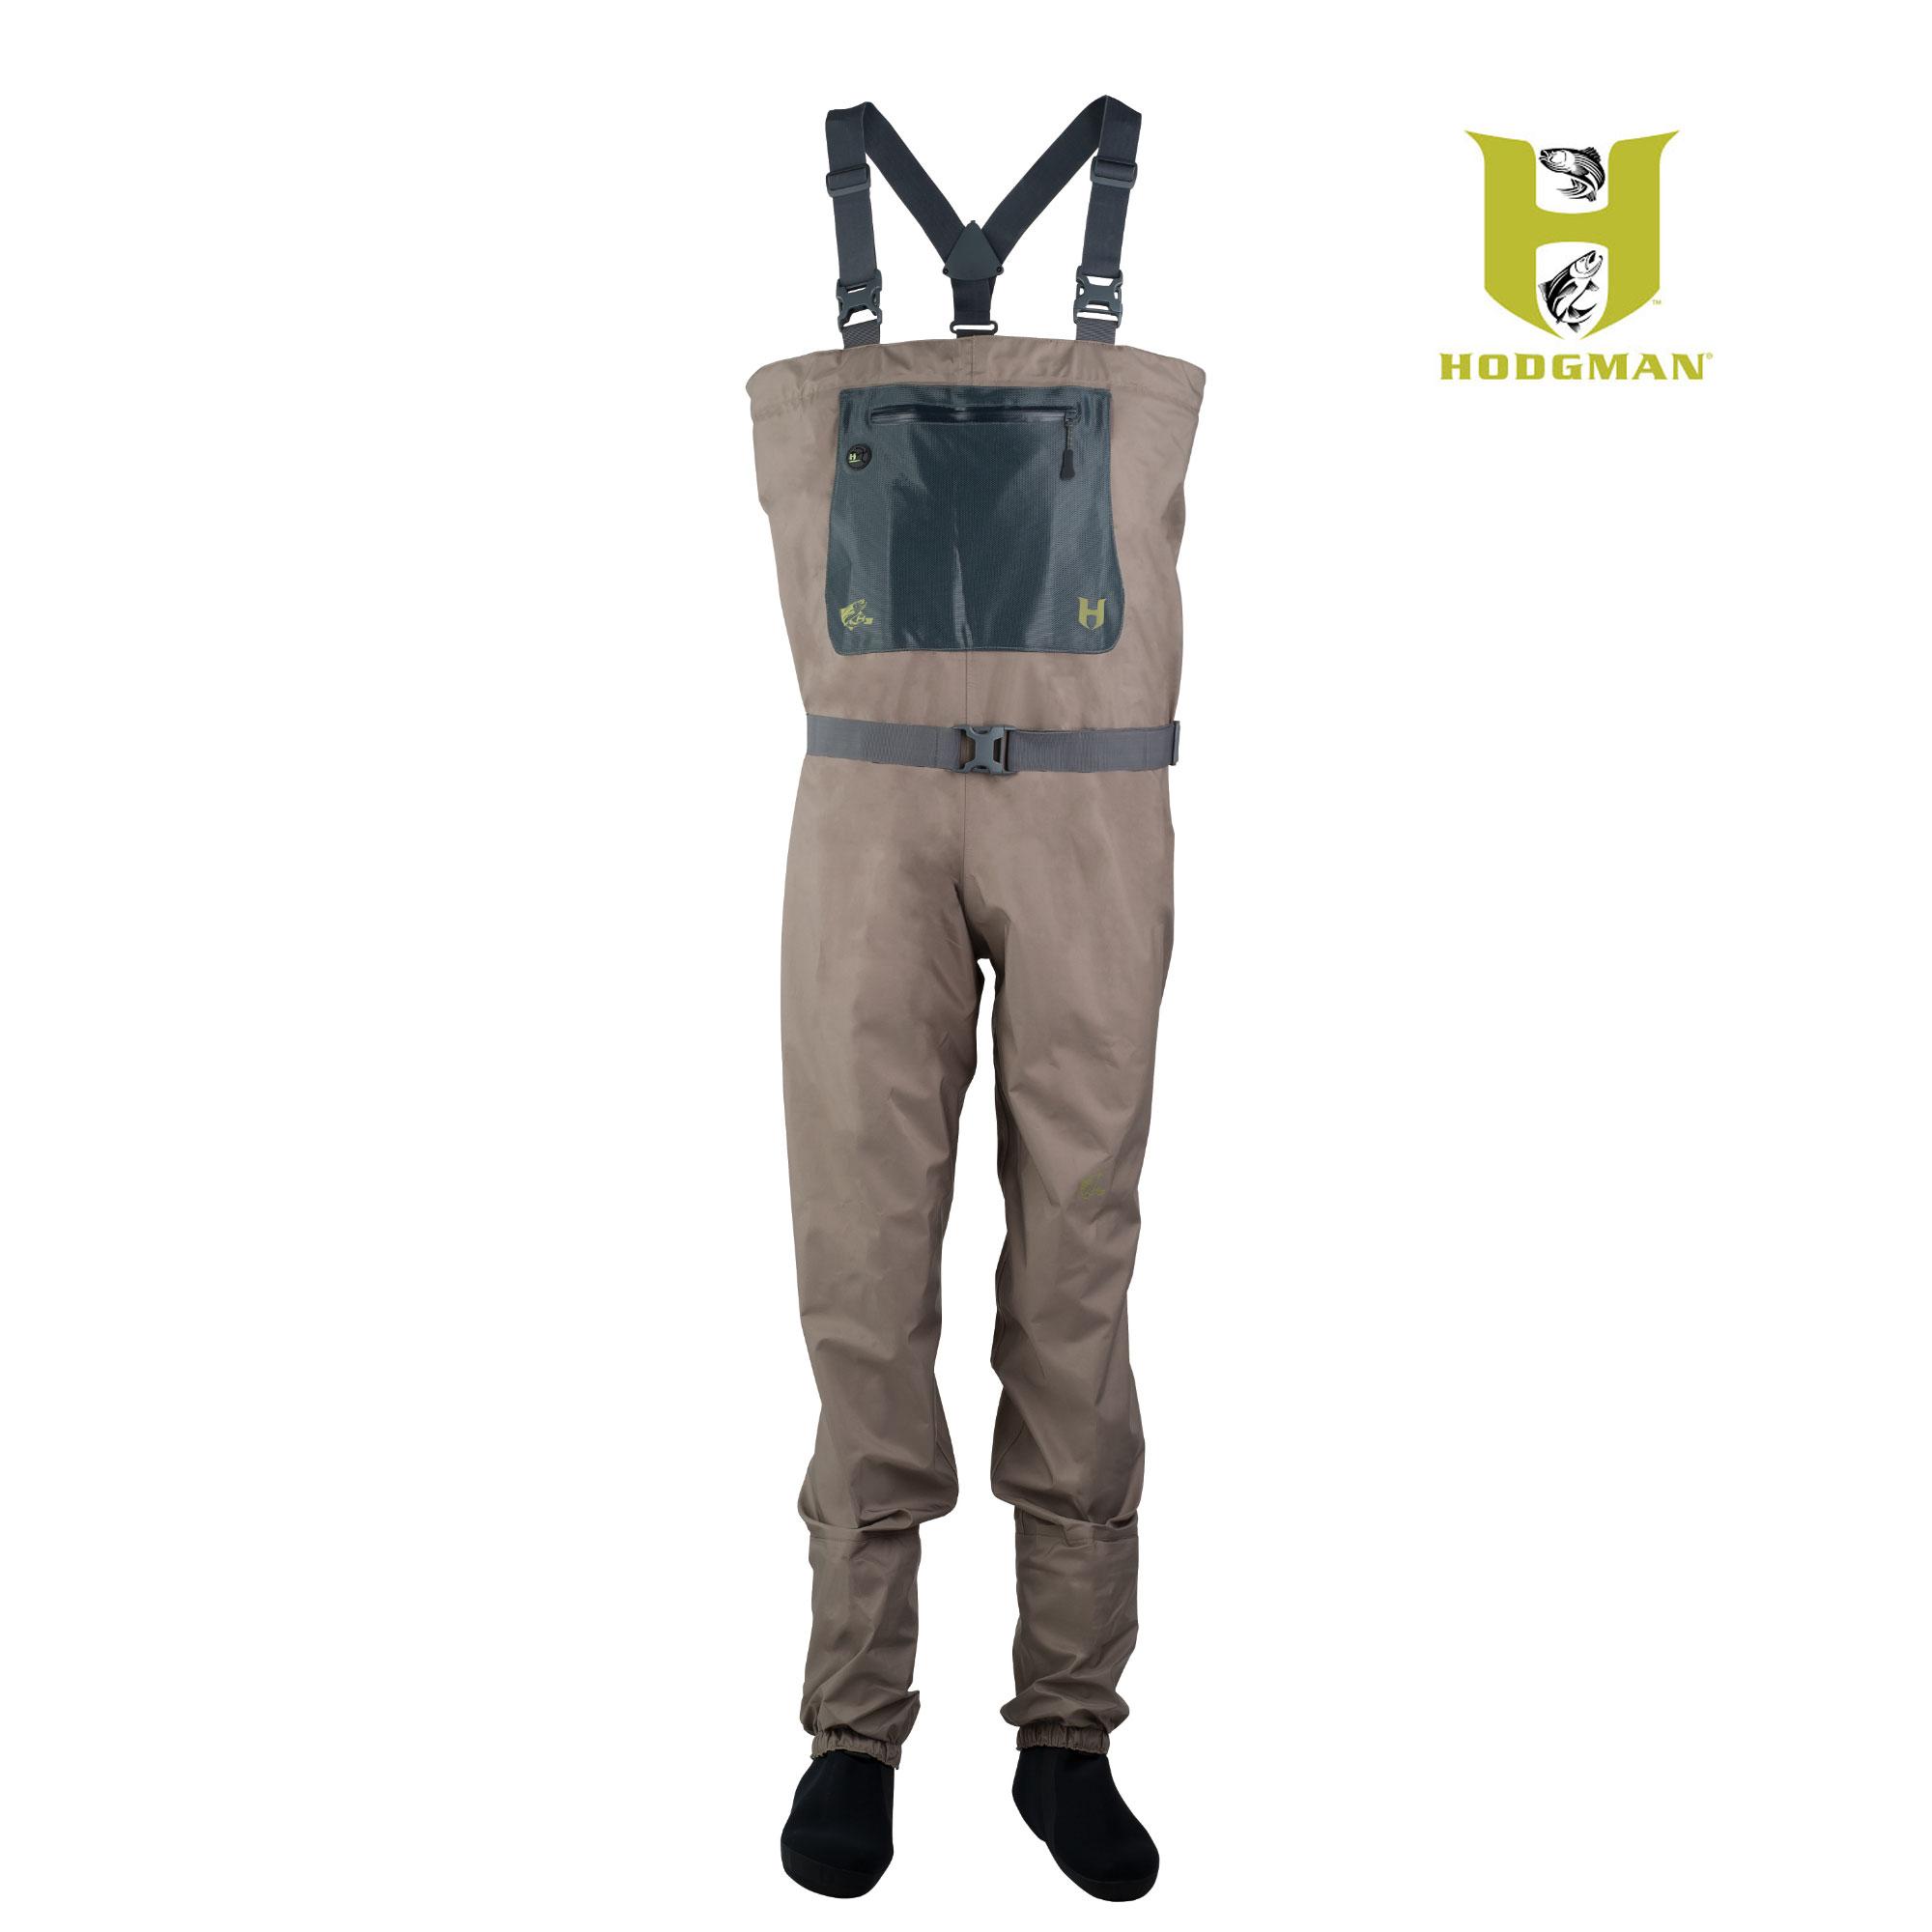 HODGMAN H3 waist wader